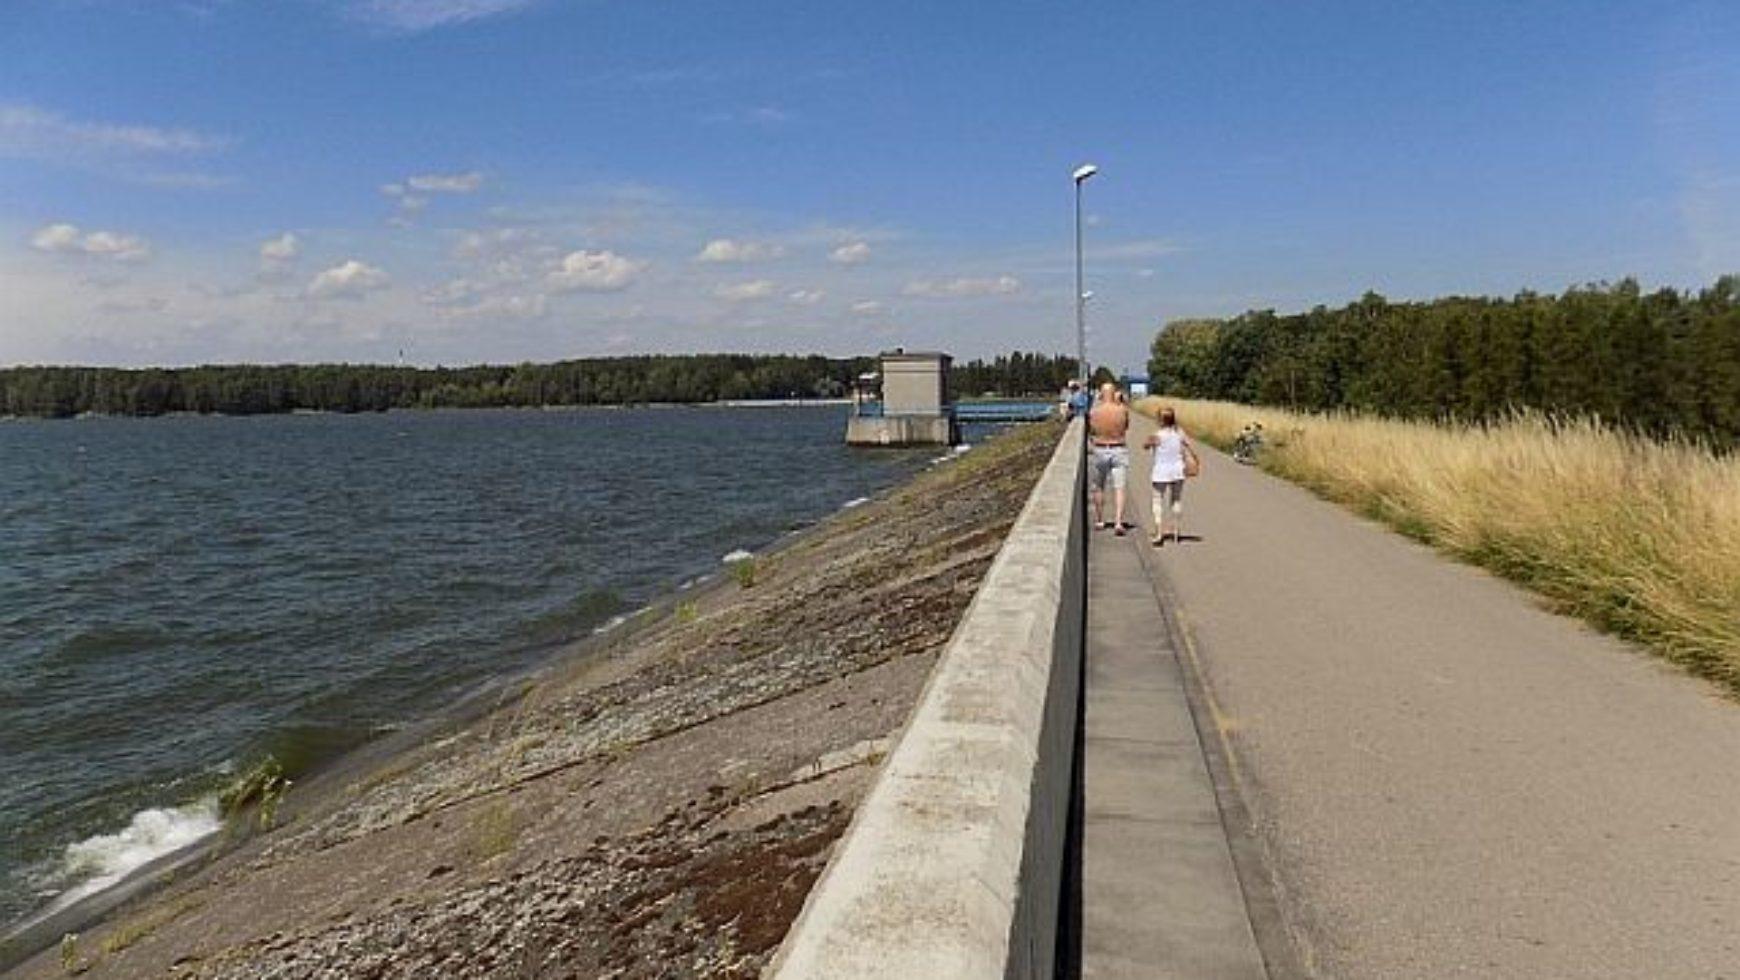 Event nad wodą – Jezioro Goczałkowickie i okolice